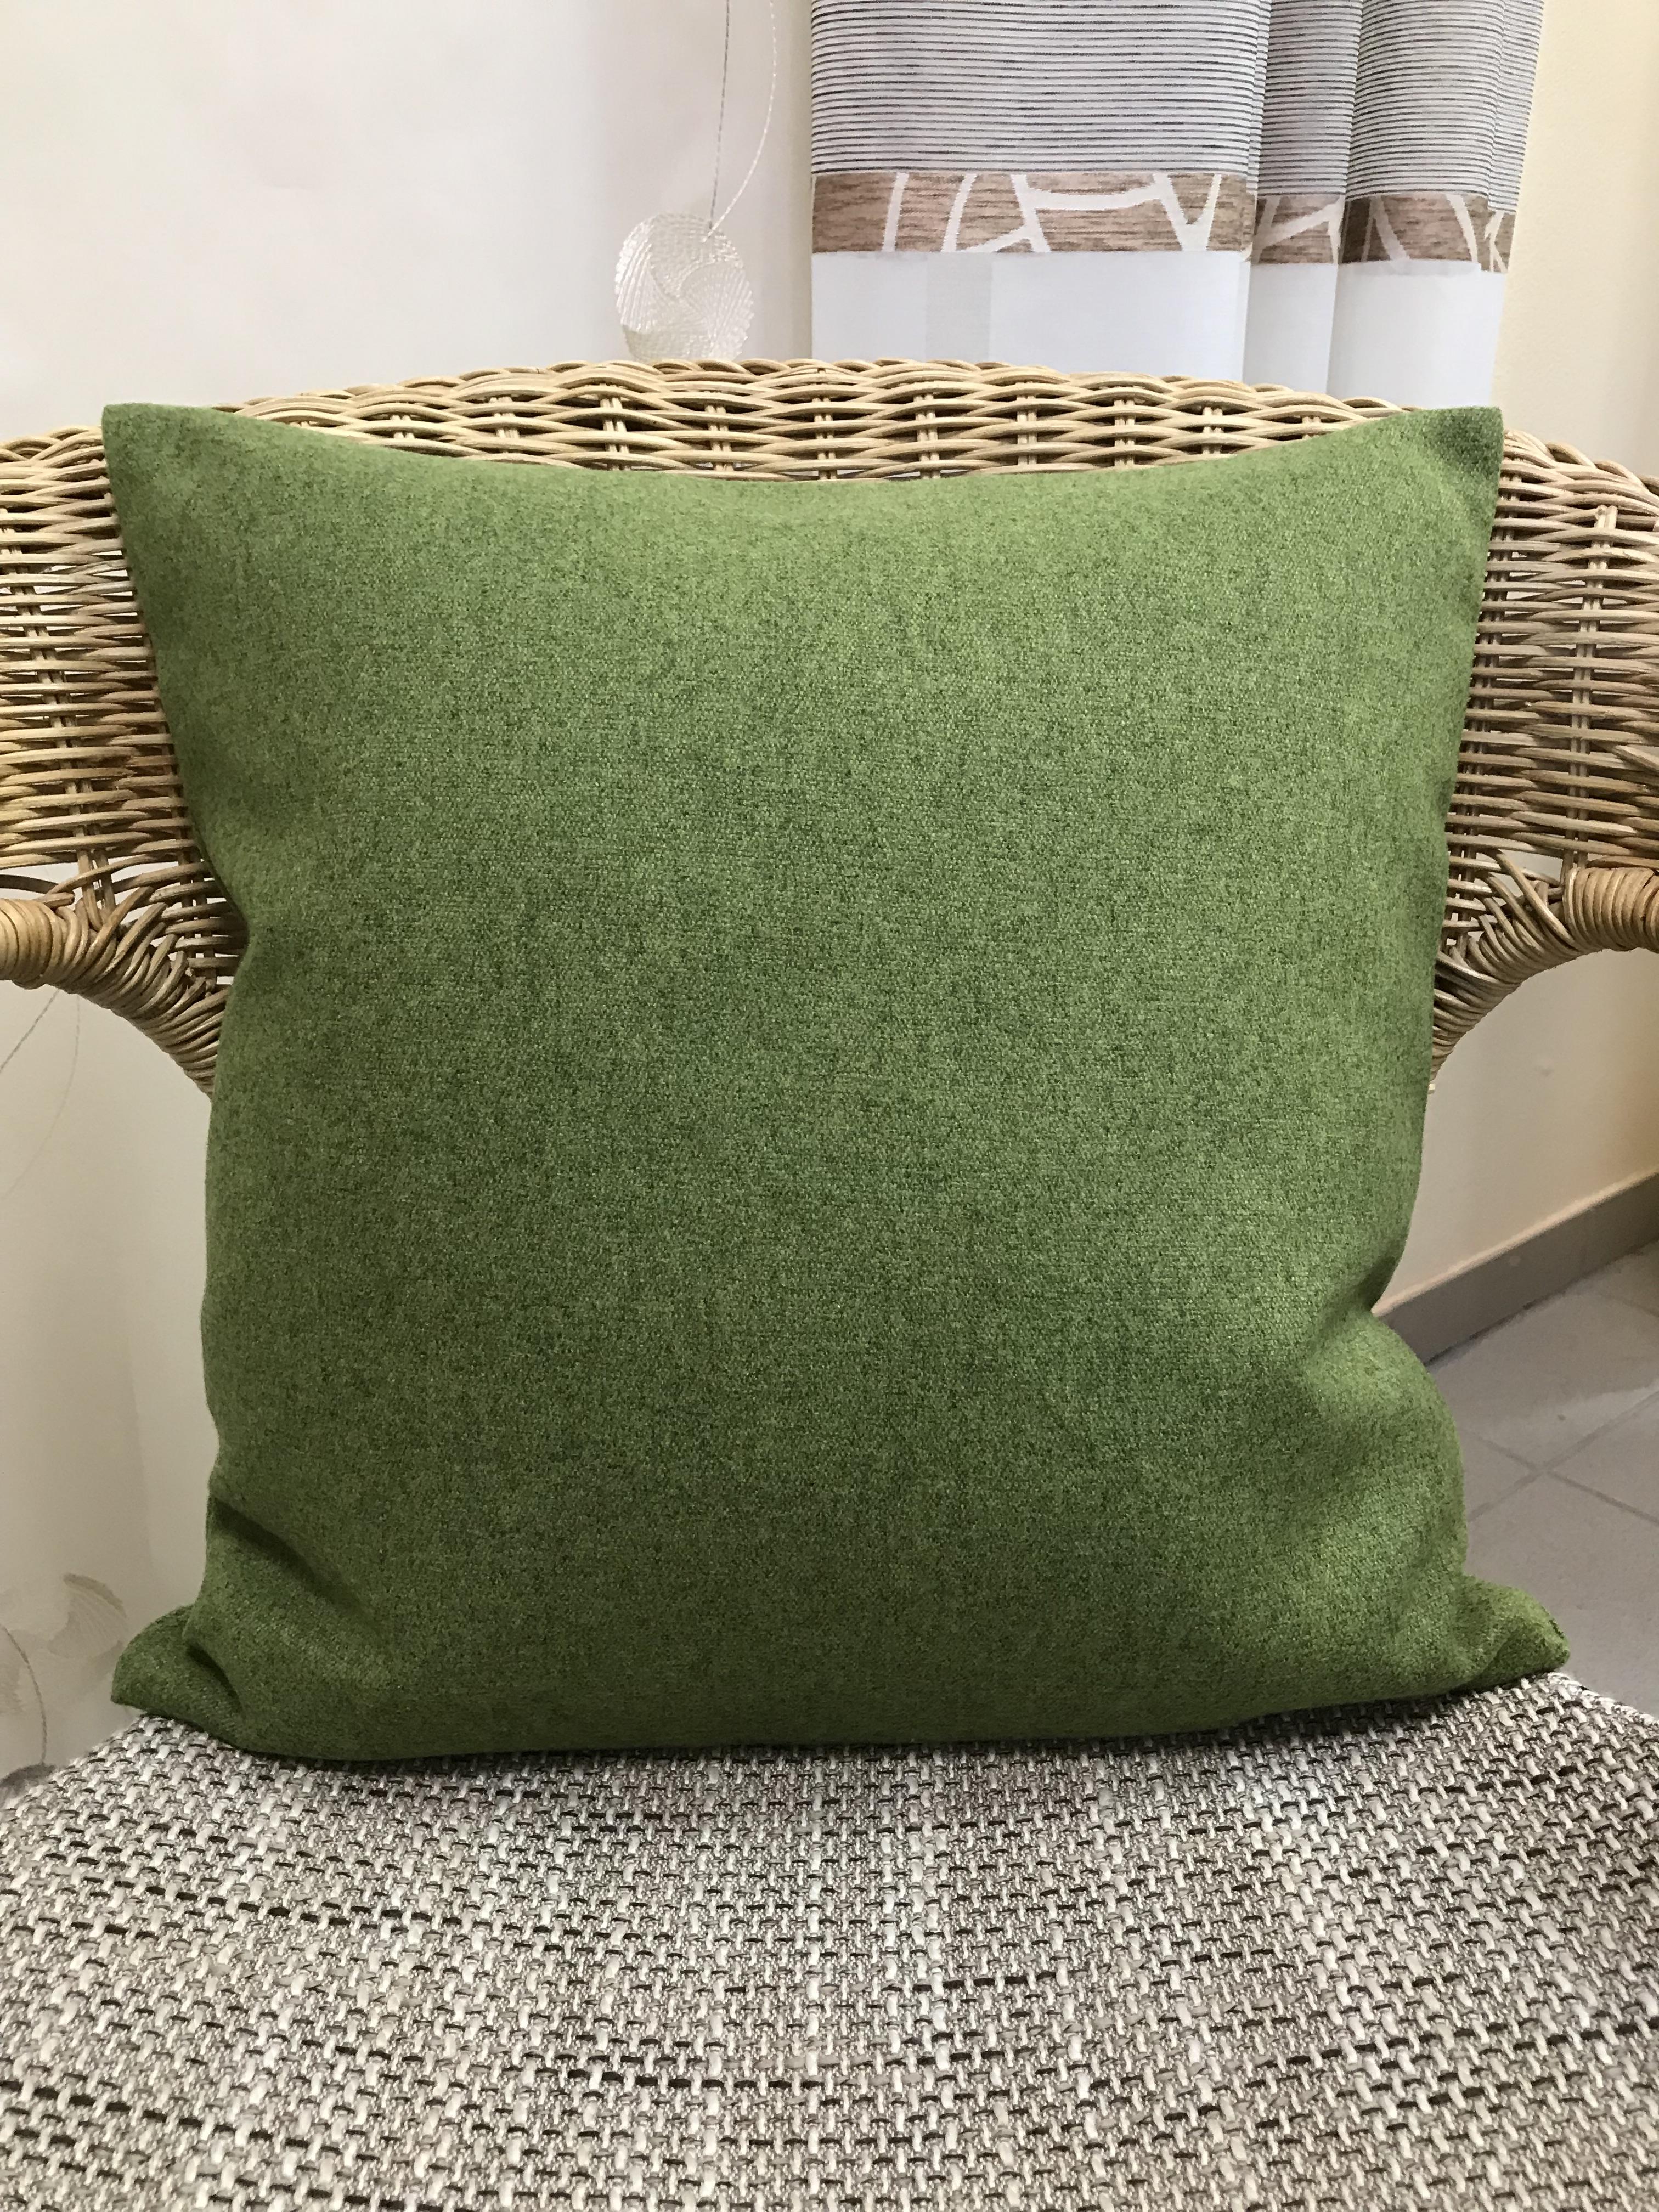 Landhaus Kissen kissenhülle kissen bezug landhaus aus filz einfarbig grün 40 x 40